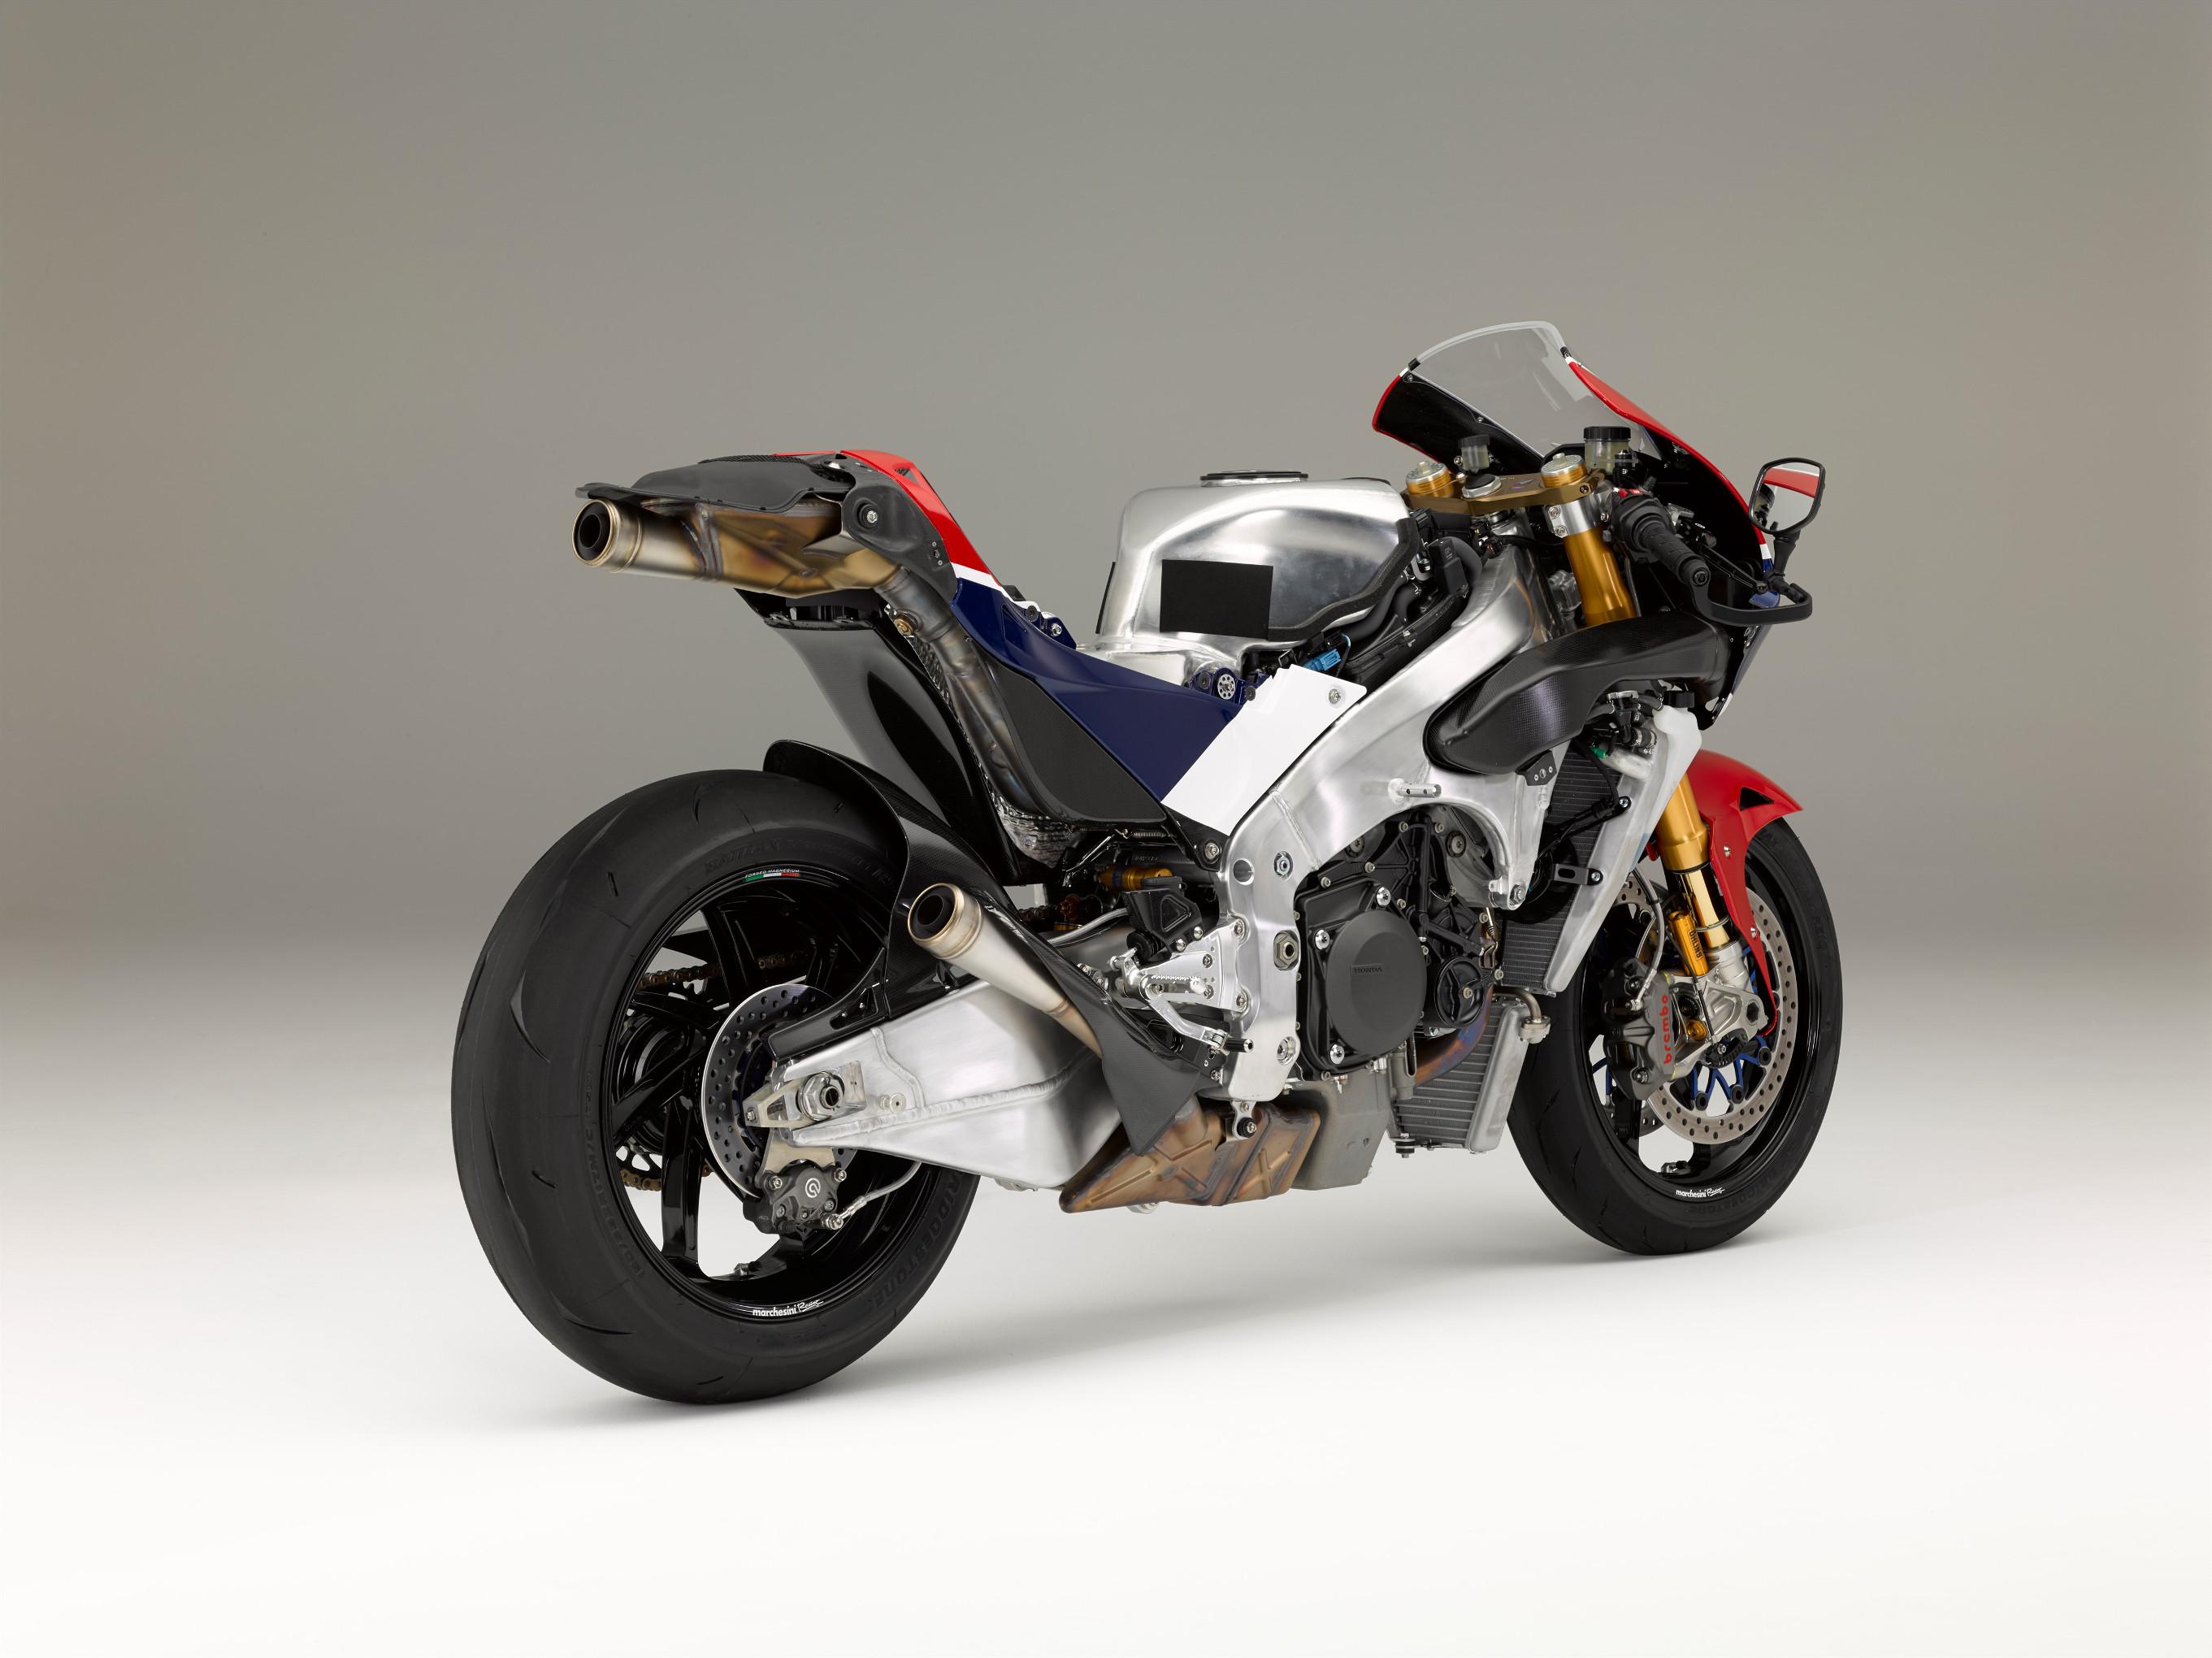 Honda RC213V-S launch road-legal MotoGP replica | Rescogs